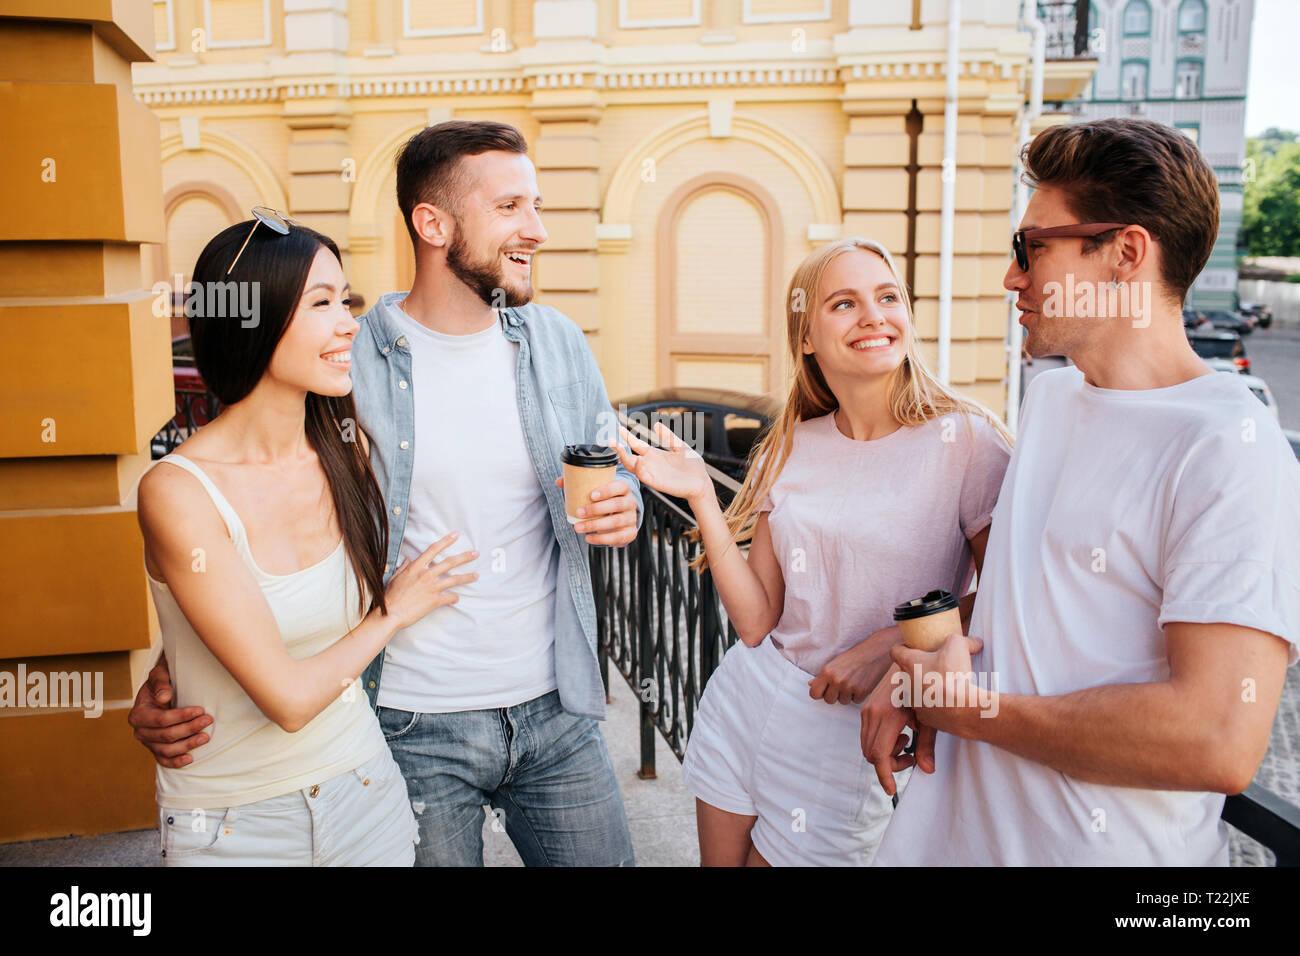 Dating ein griechischer amerikanischer Kerl